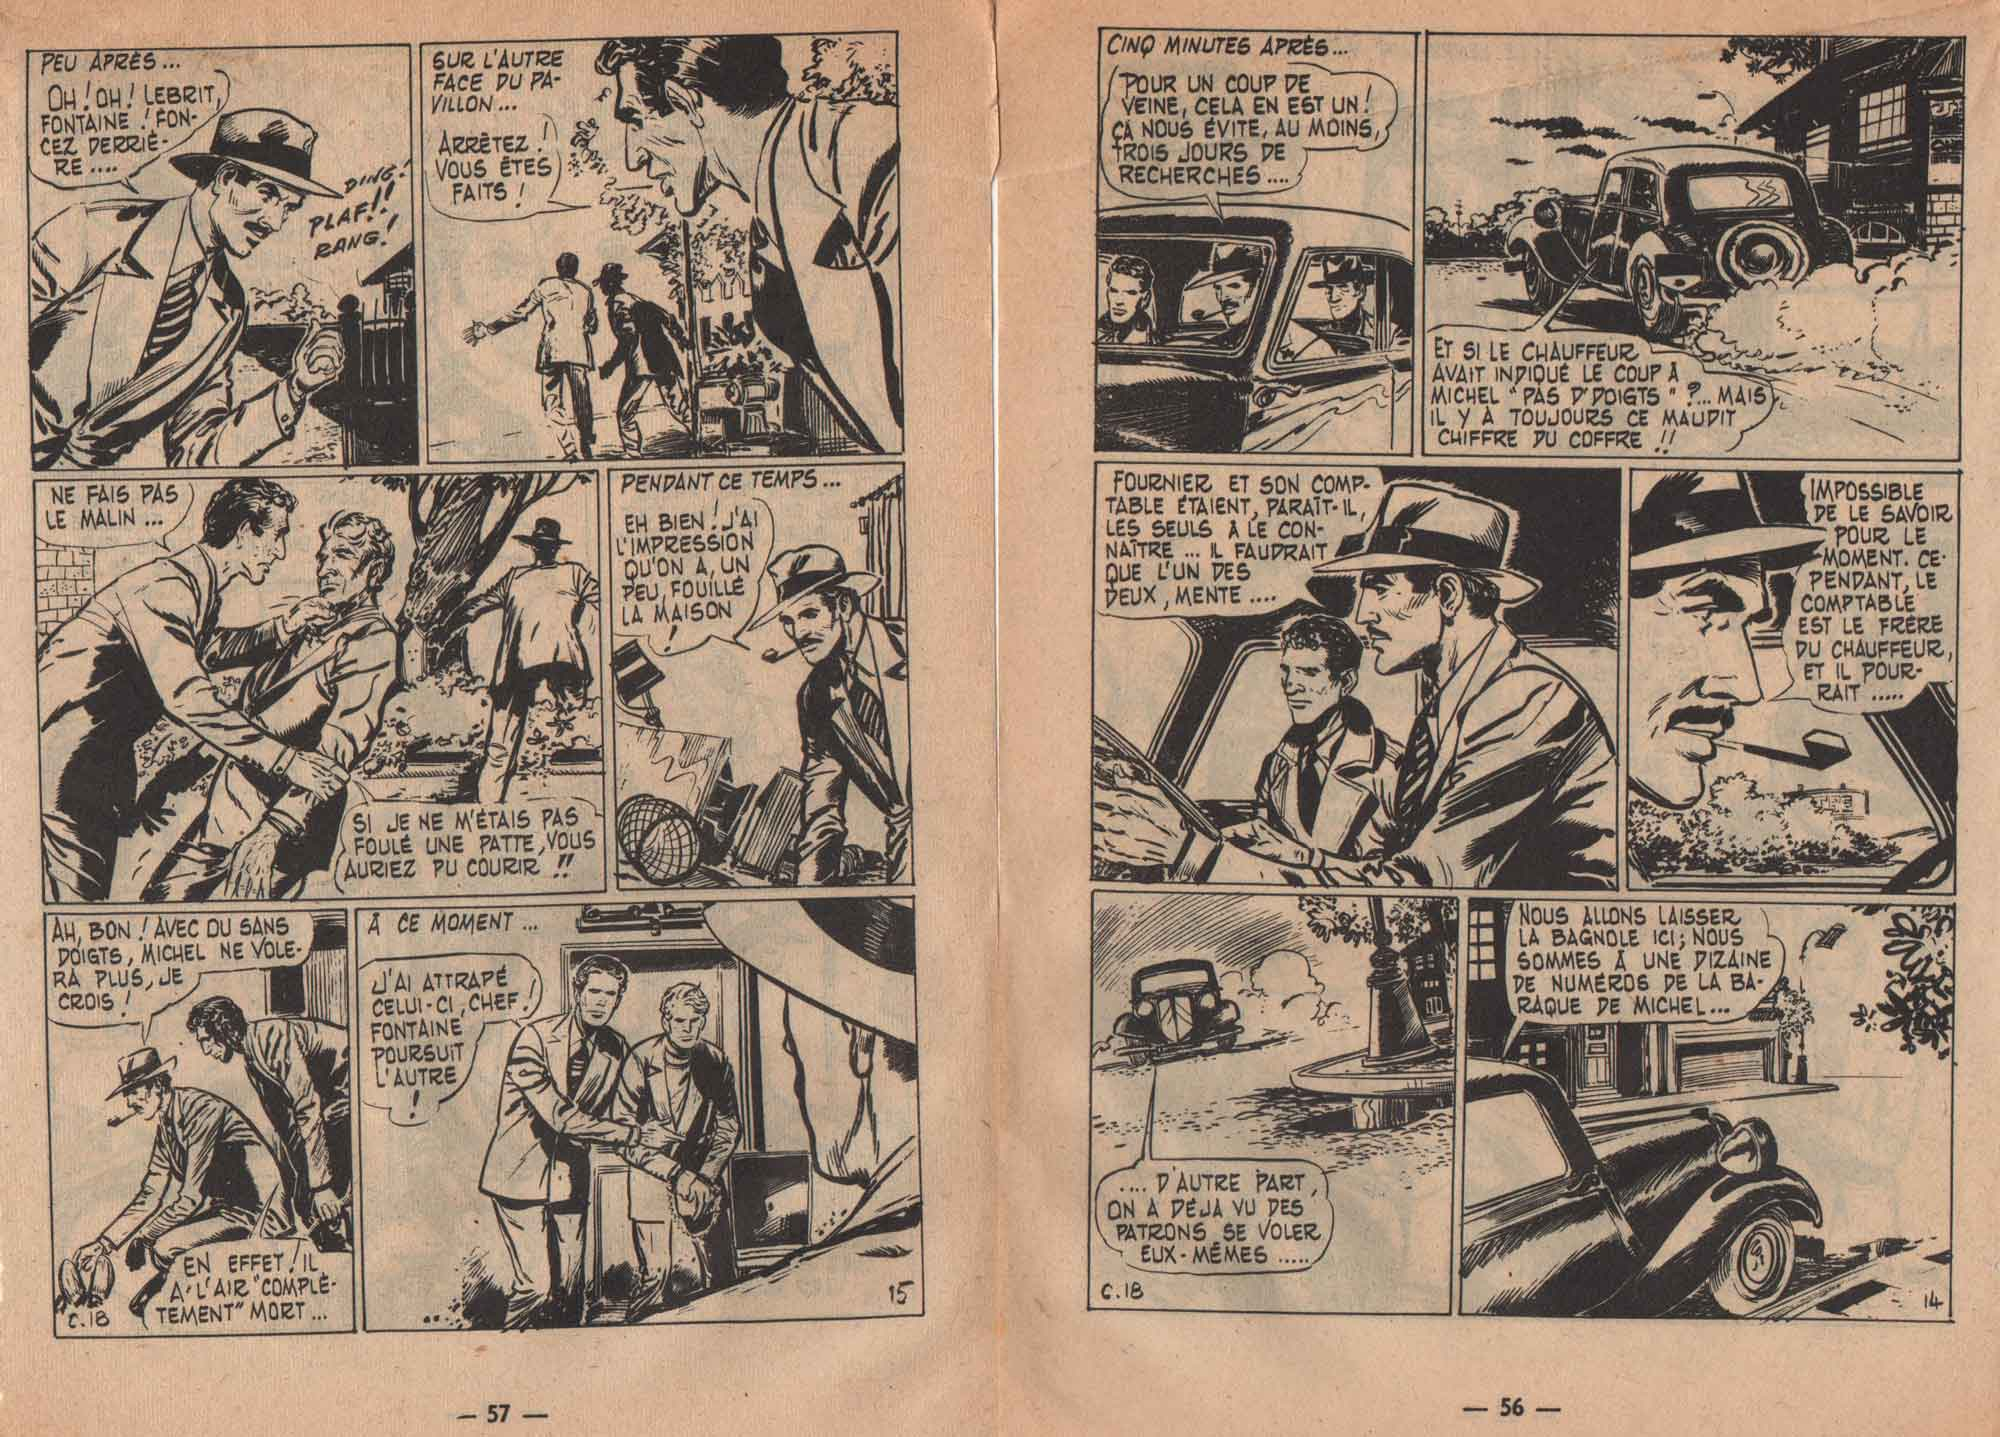 « Inspecteur Hardy » Cap 7 n° 18 (06/1960).